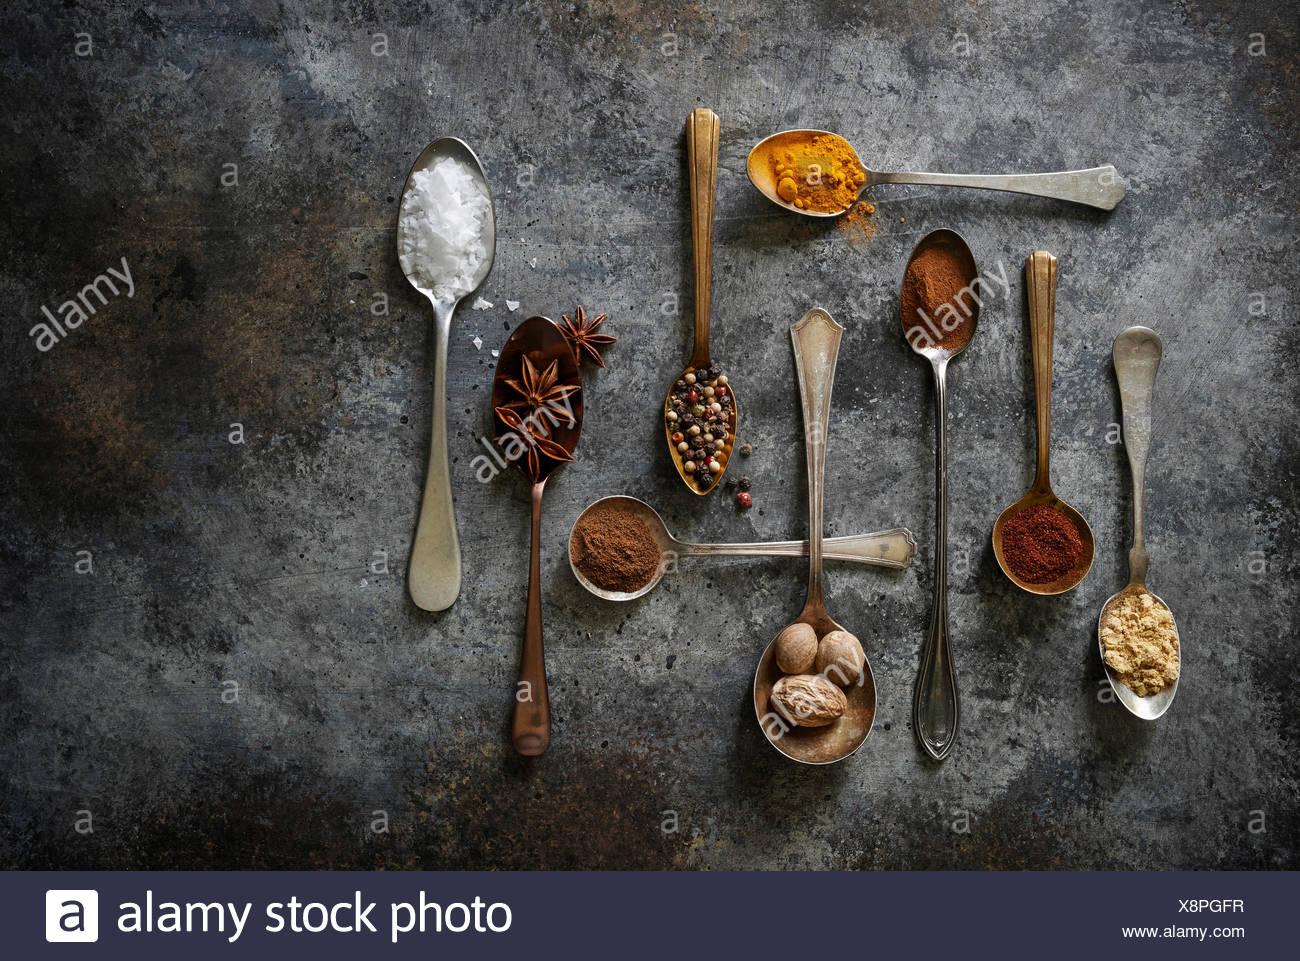 Una matriz de bonito hornear y cocinar las especias en el vintage cucharas sobre una superficie oscura de estilo rústico. Imagen De Stock